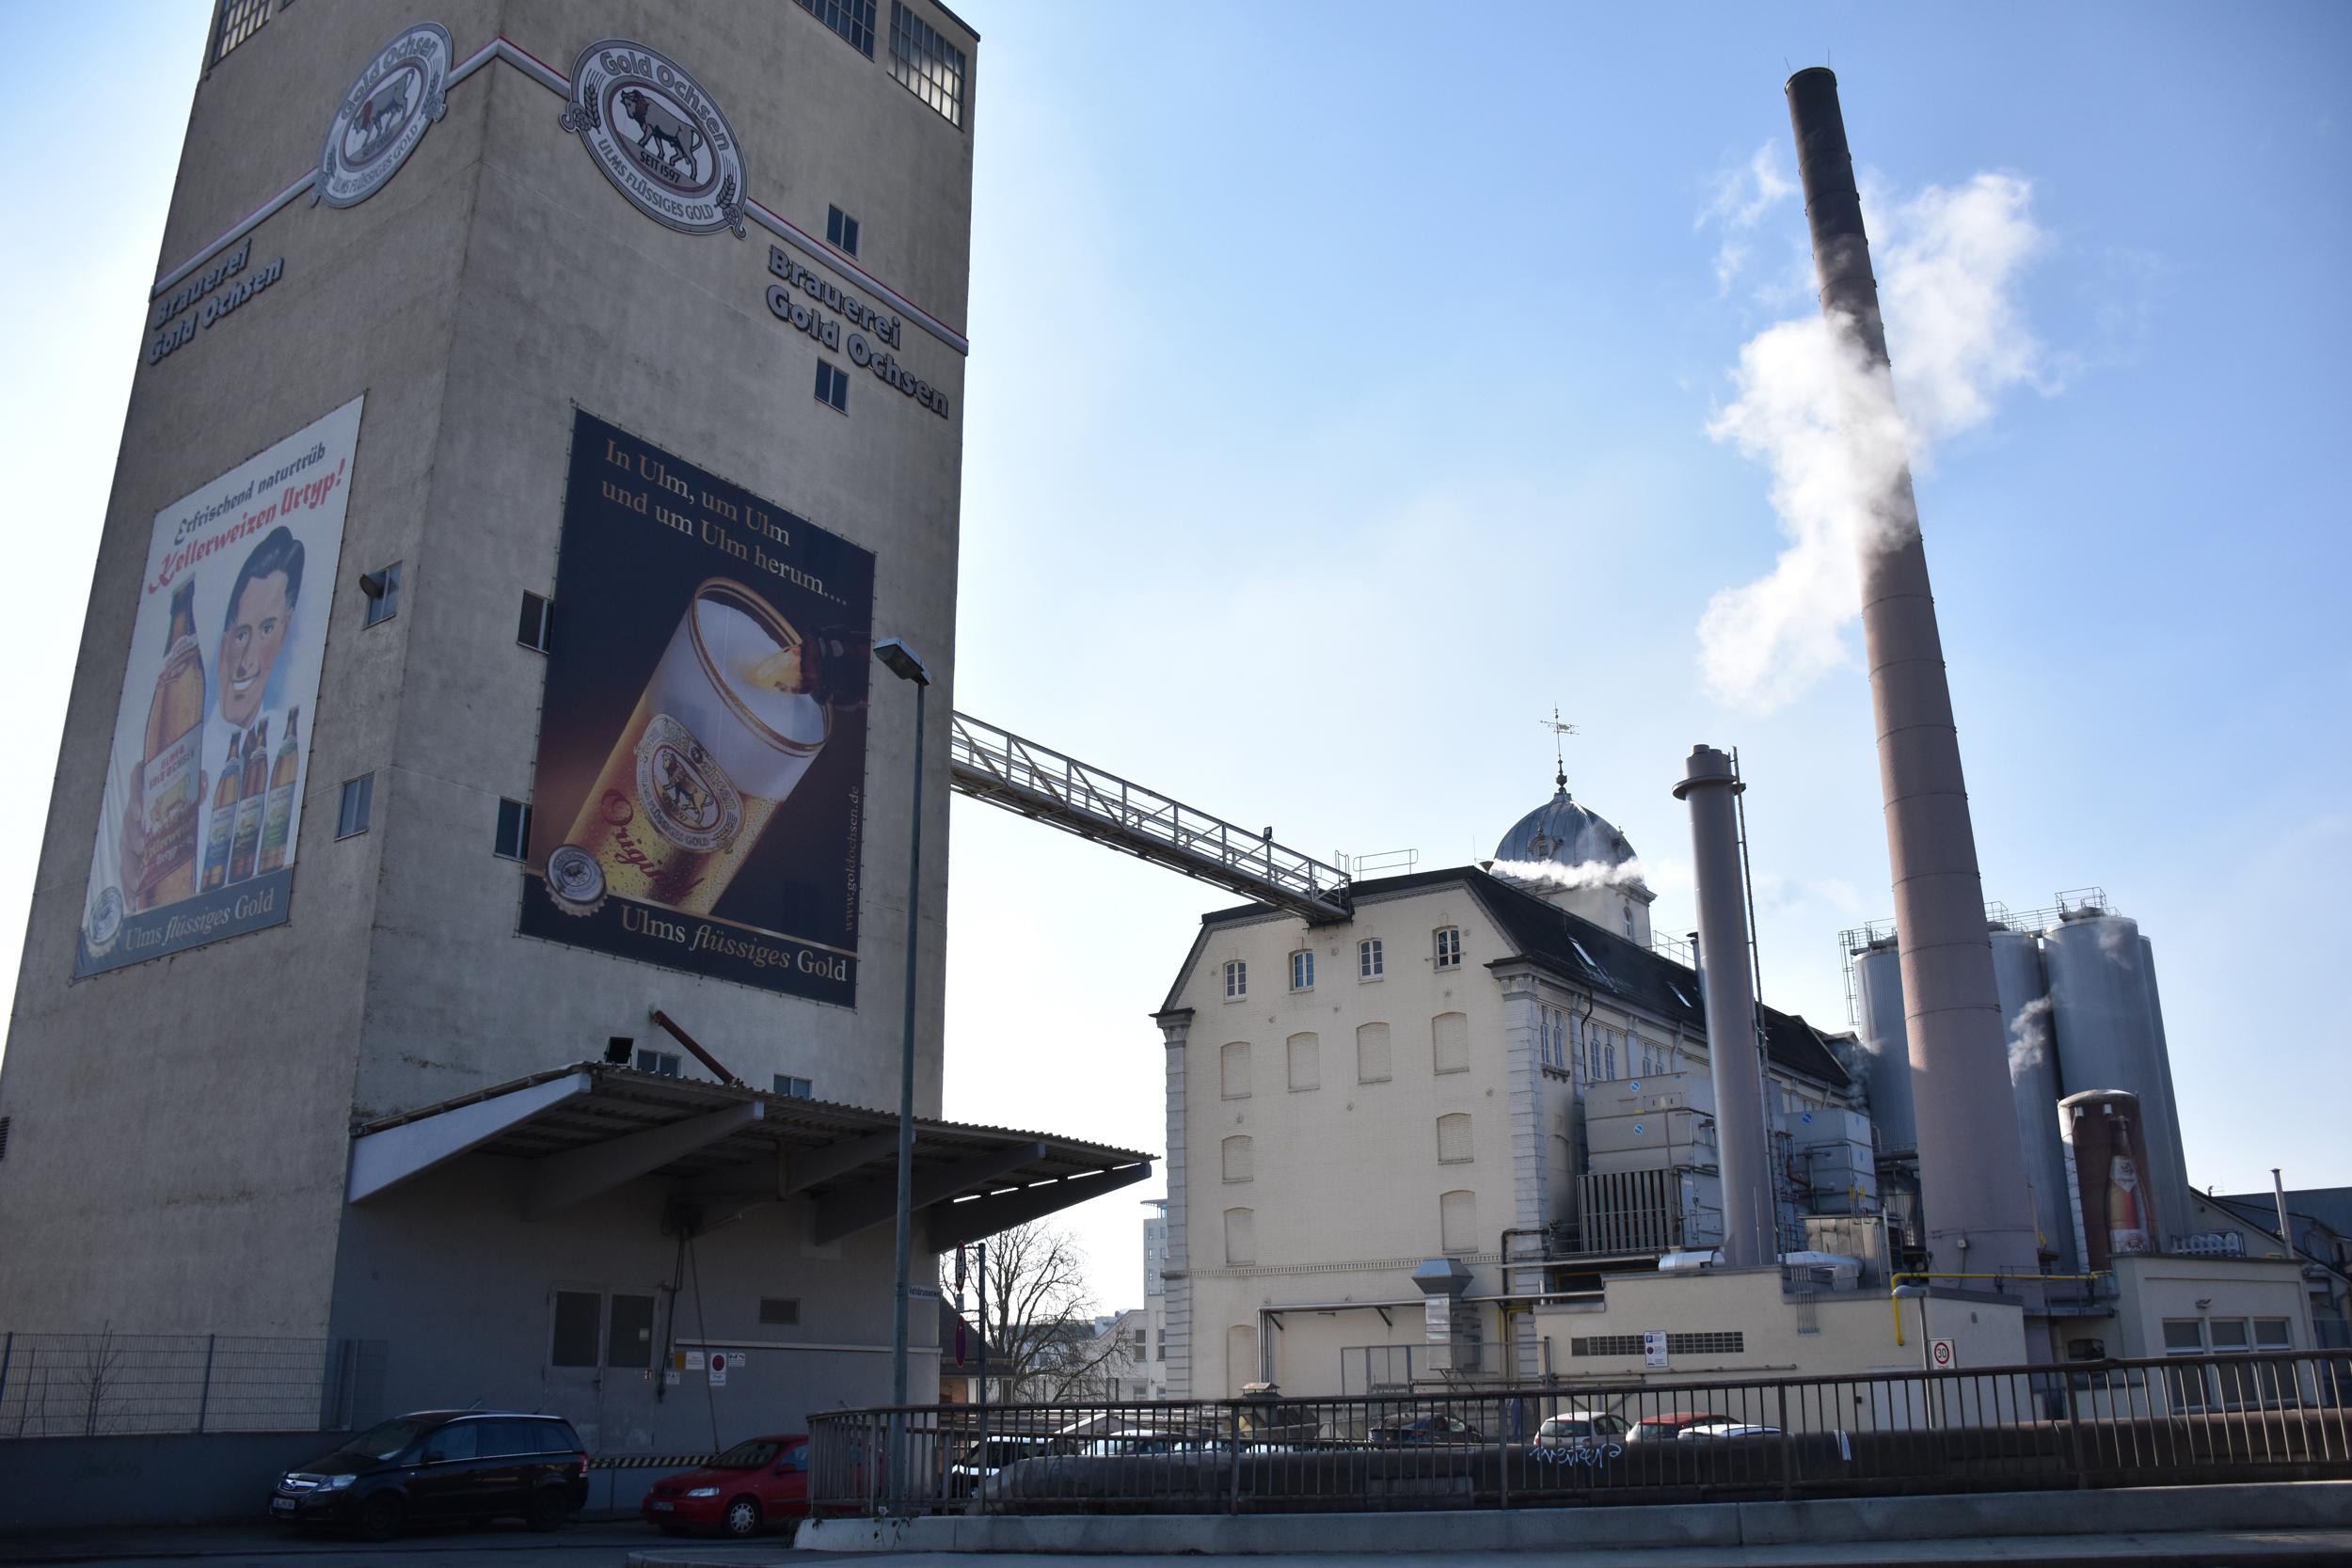 Brauerei Gold Ochsen GmbH